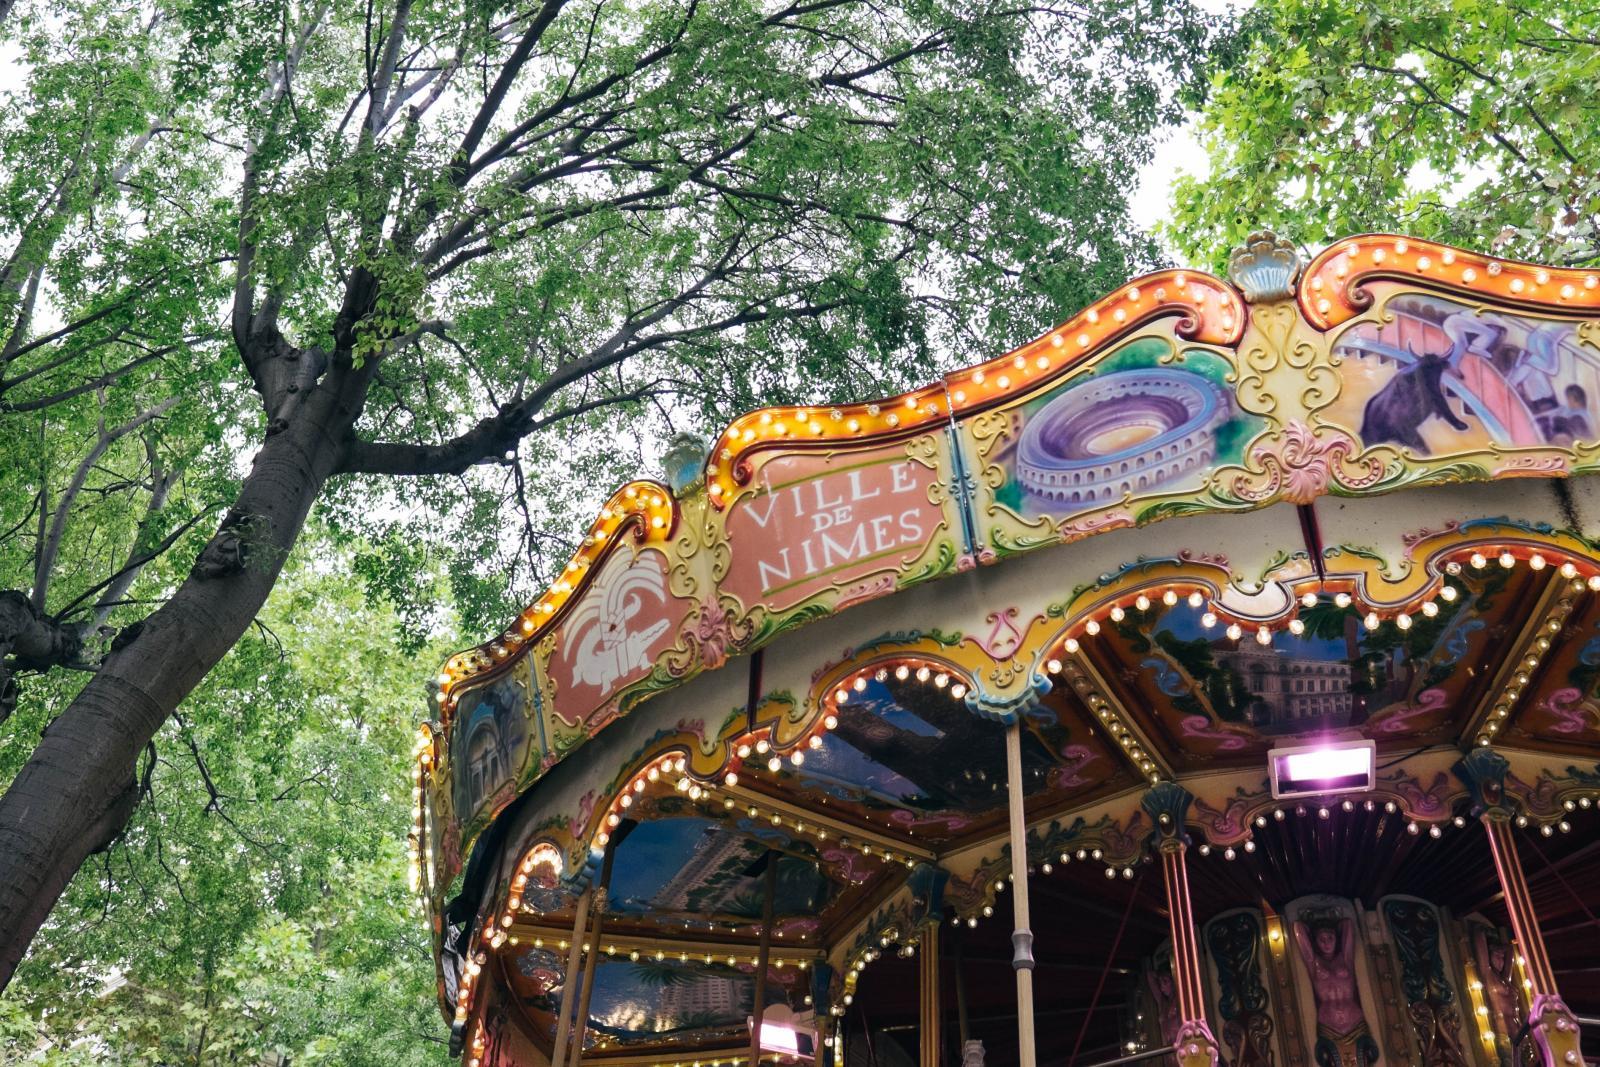 Prise de vue du carrousel de Nîmes